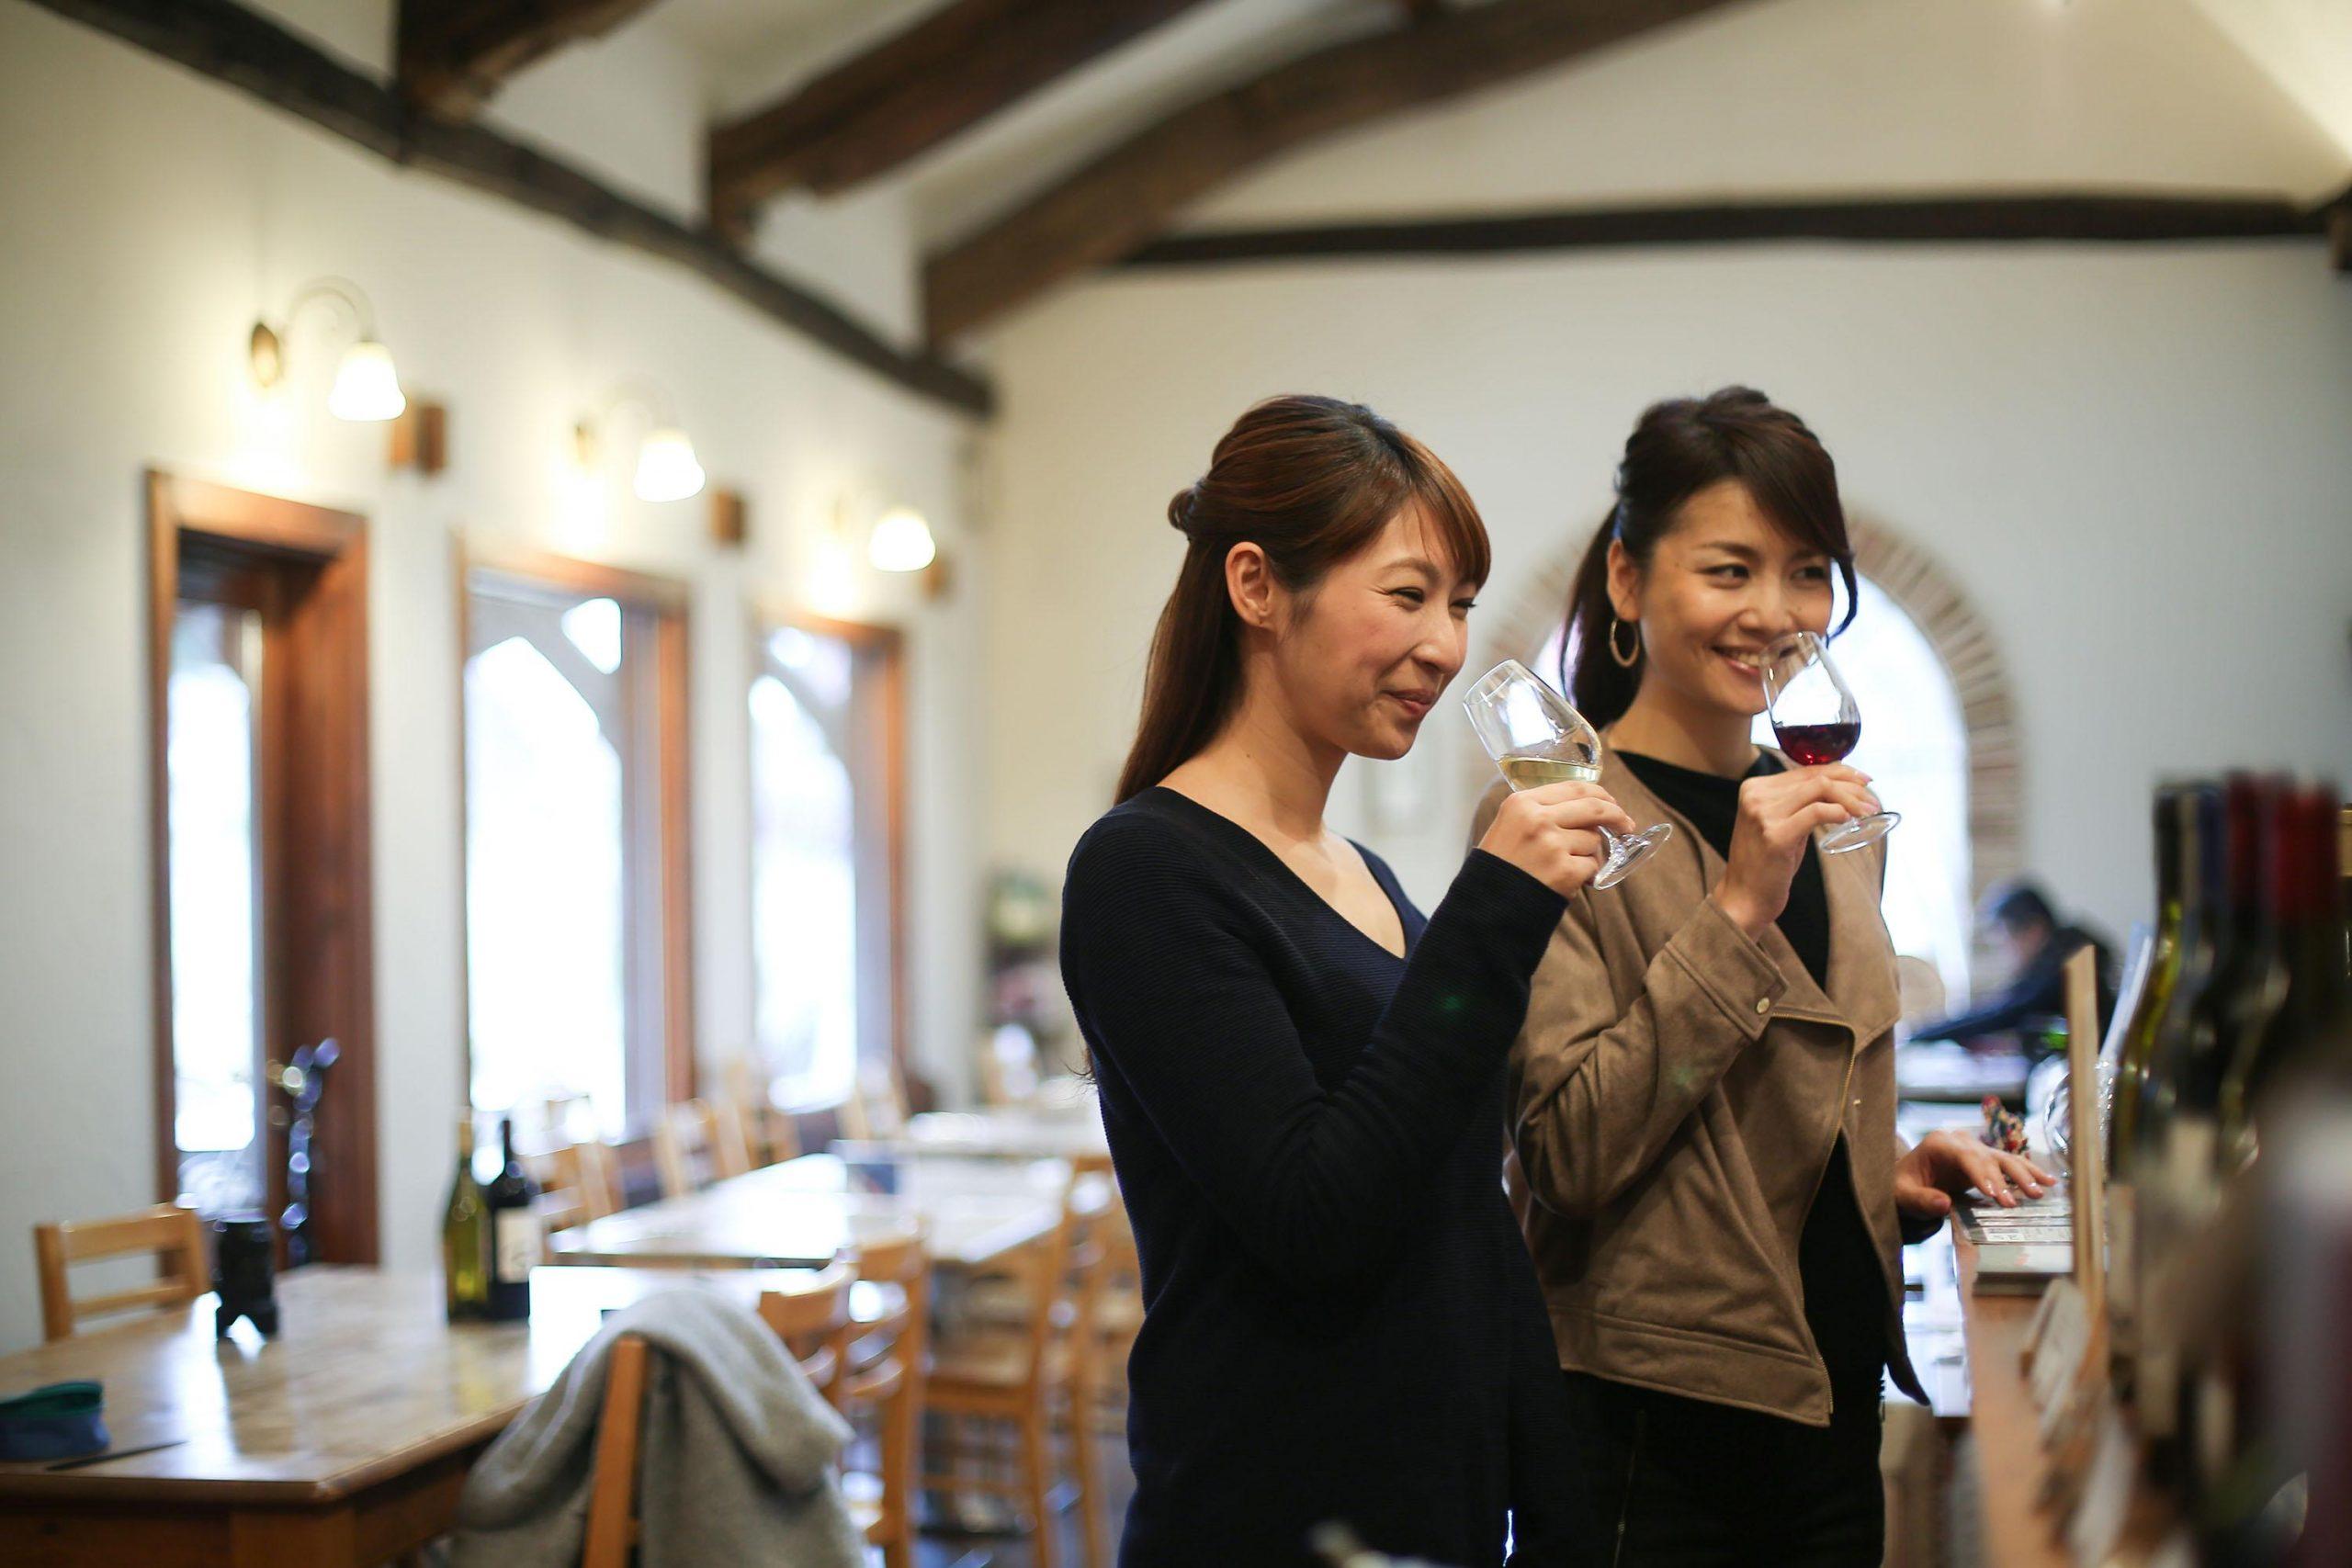 国産ワインの醸造所「カーブドッチ ワイナリー」